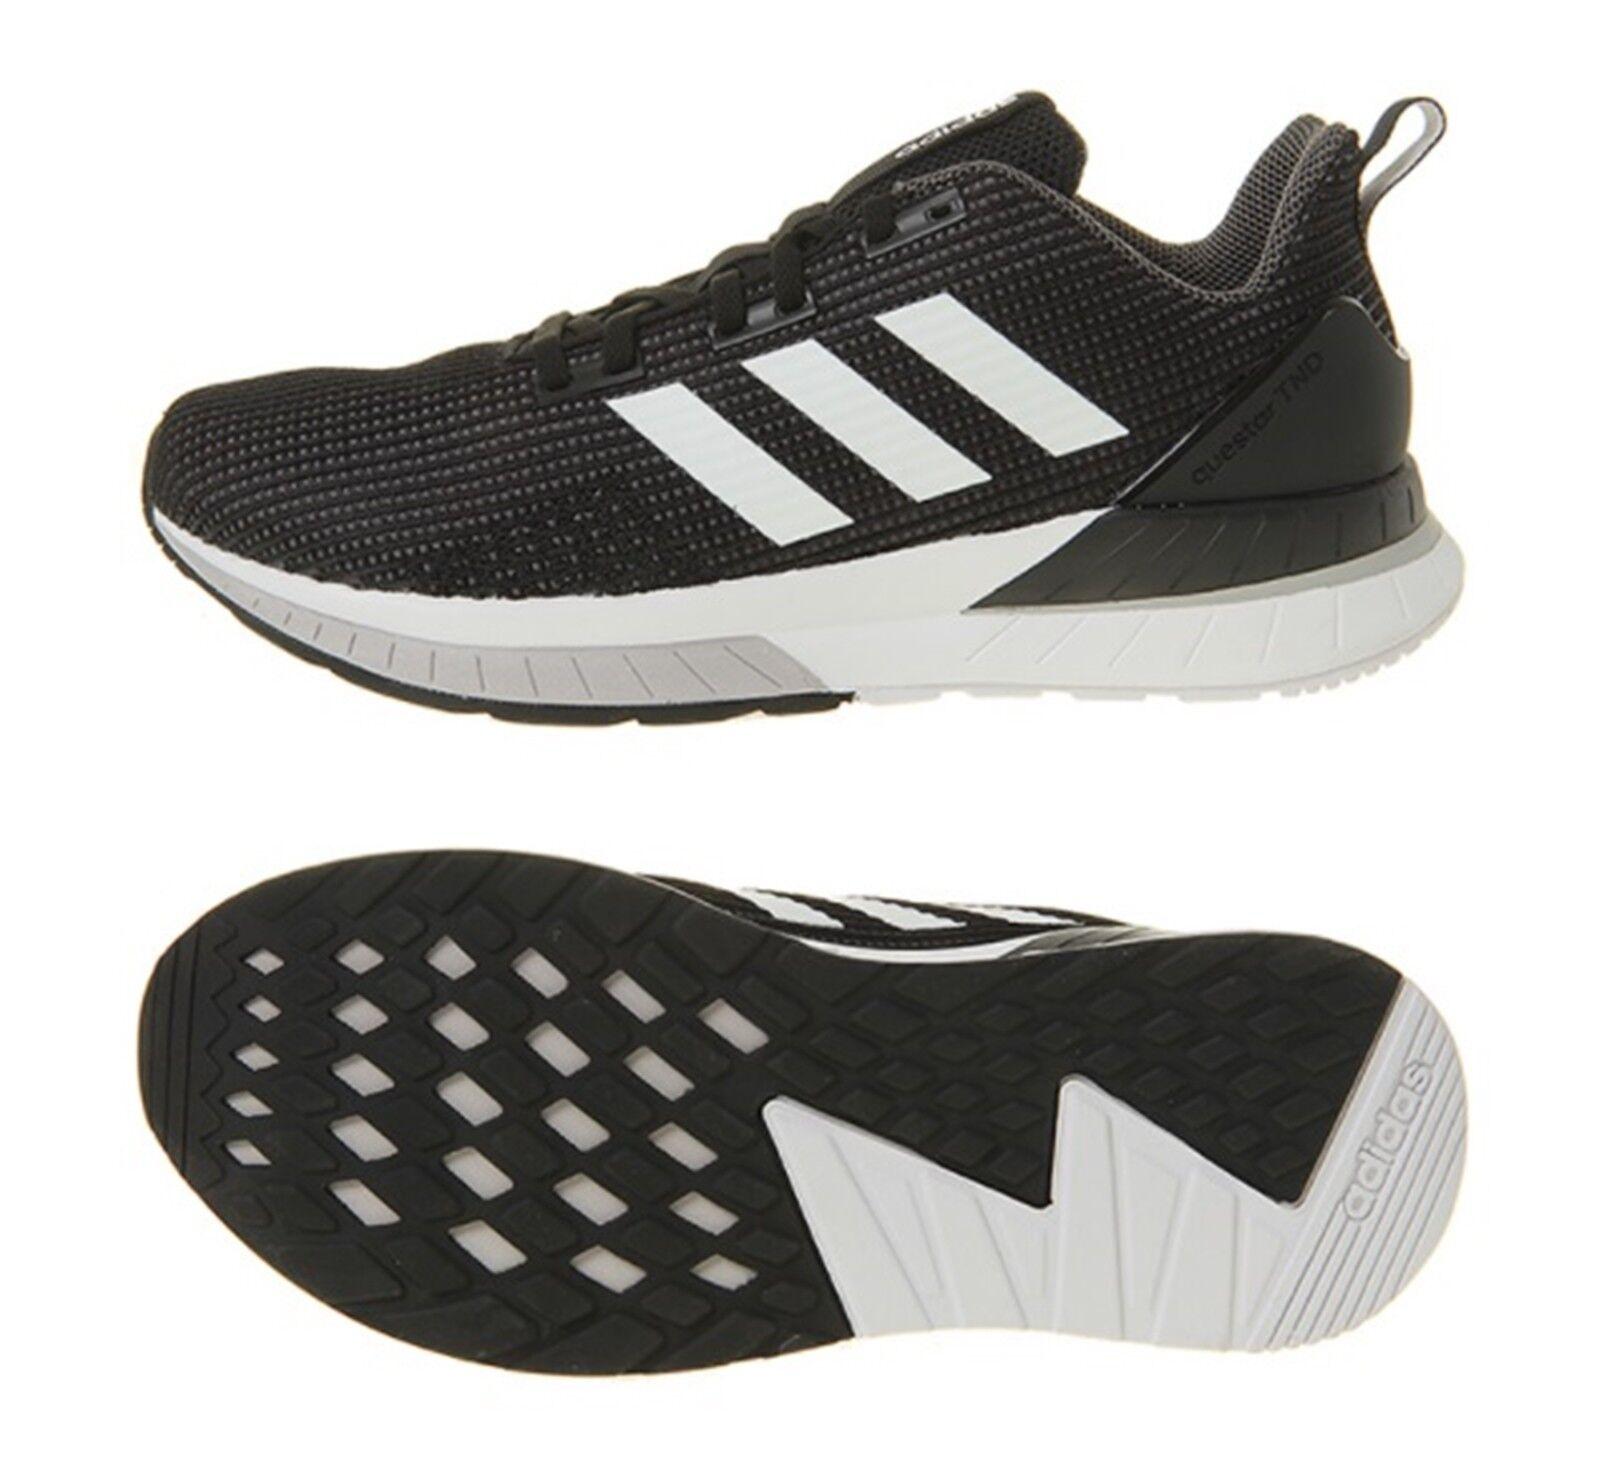 Zapatos De Entrenamiento Adidas Hombres QueEstrella TND Correr Tenis Zapato Negro blancoo DB1122